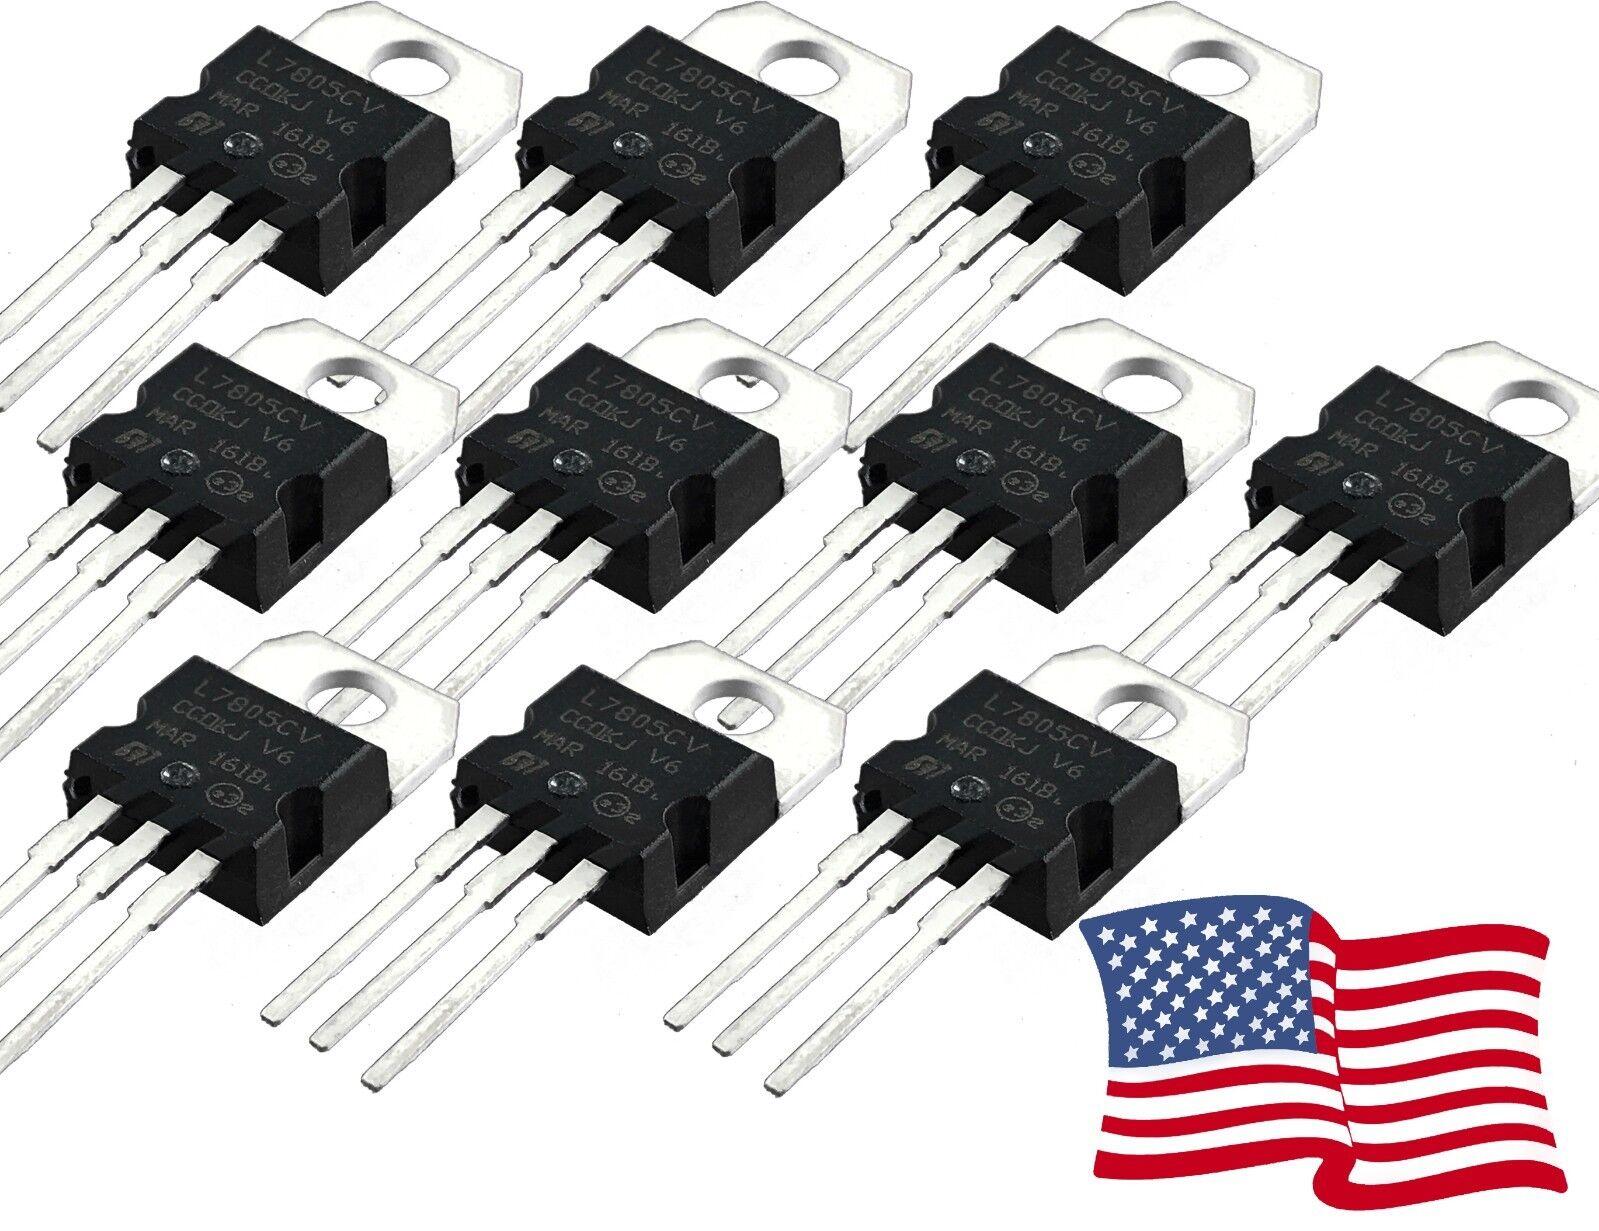 L7805CV STMicroelectronics V Reg 7805 5.0V To-220-3